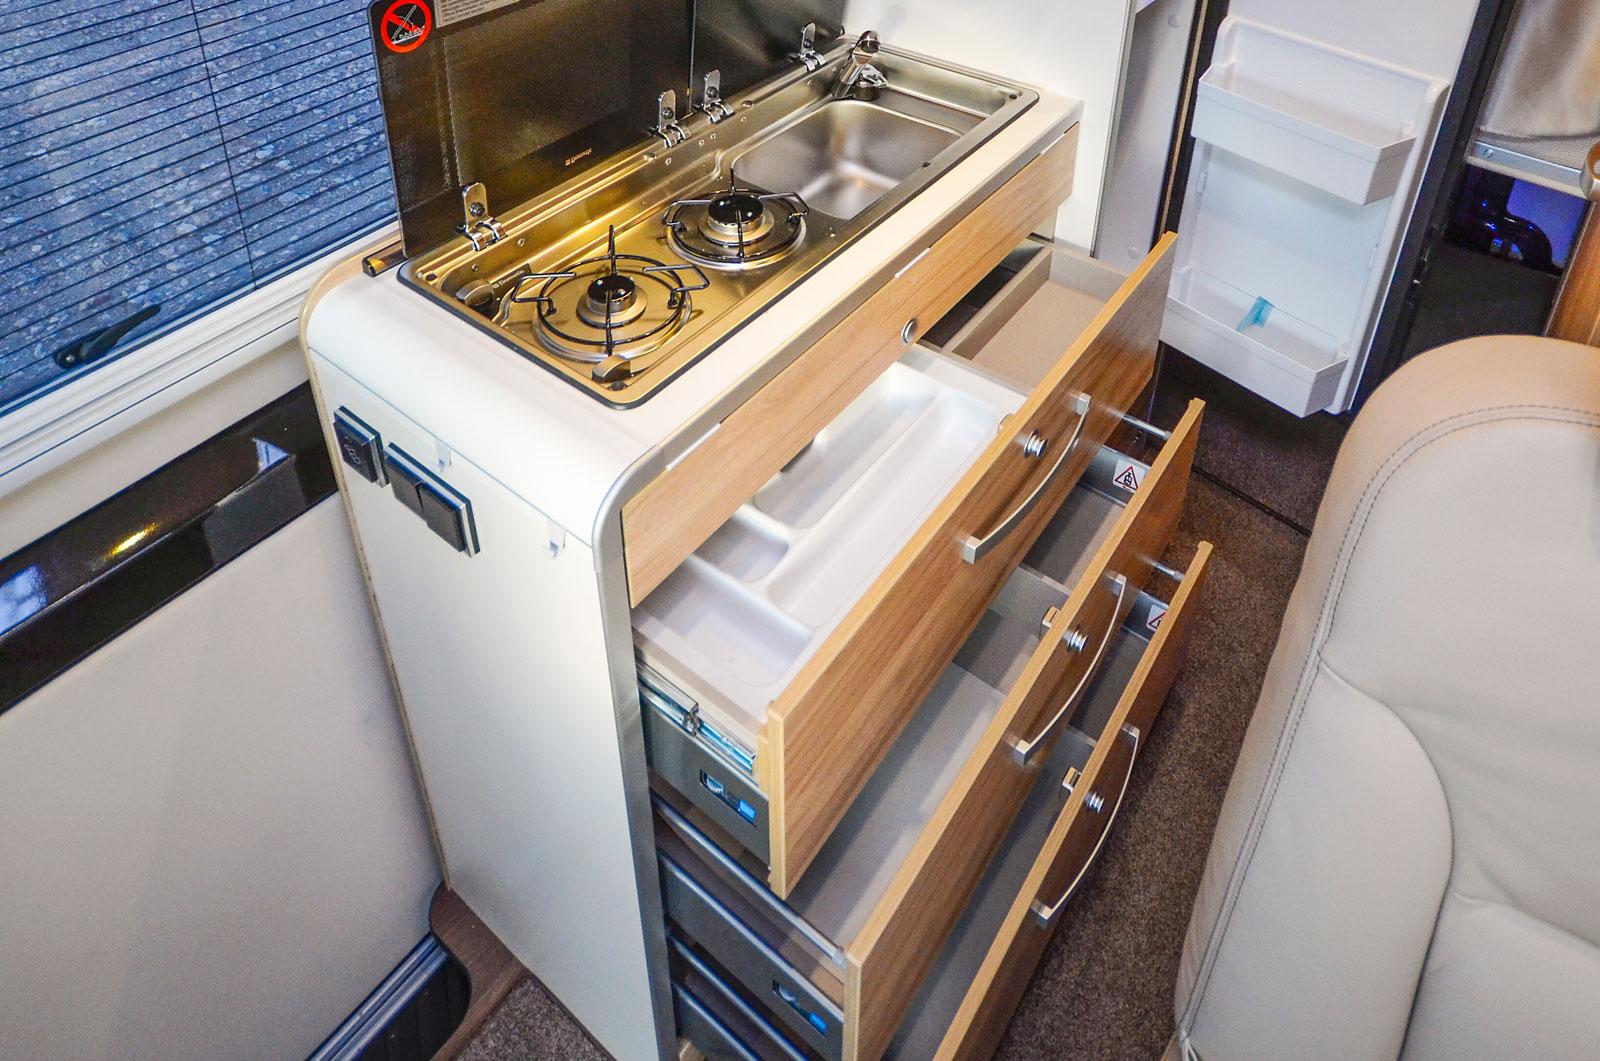 Köket har gott om avställningsytor och förvaring samt en 90-liters kyl/frys  vilket är ovanligt stort i en plåtbil.